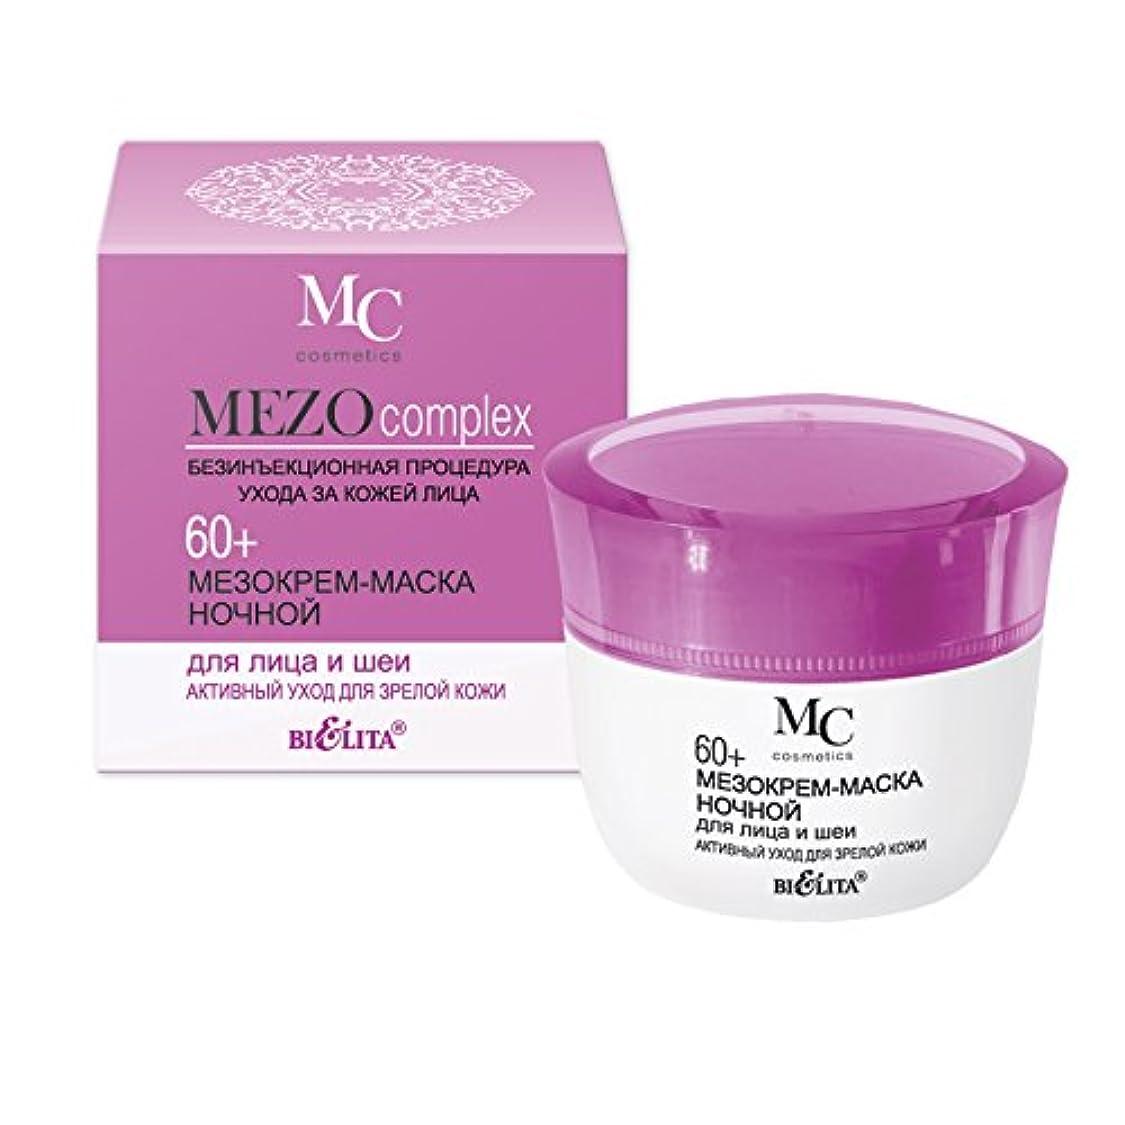 合併症人口受け皿Night cream mask (MEZO) for face and neck 60+ care for mature skin   Hyaluronic acid, Vitamin E, Peach seed oil...